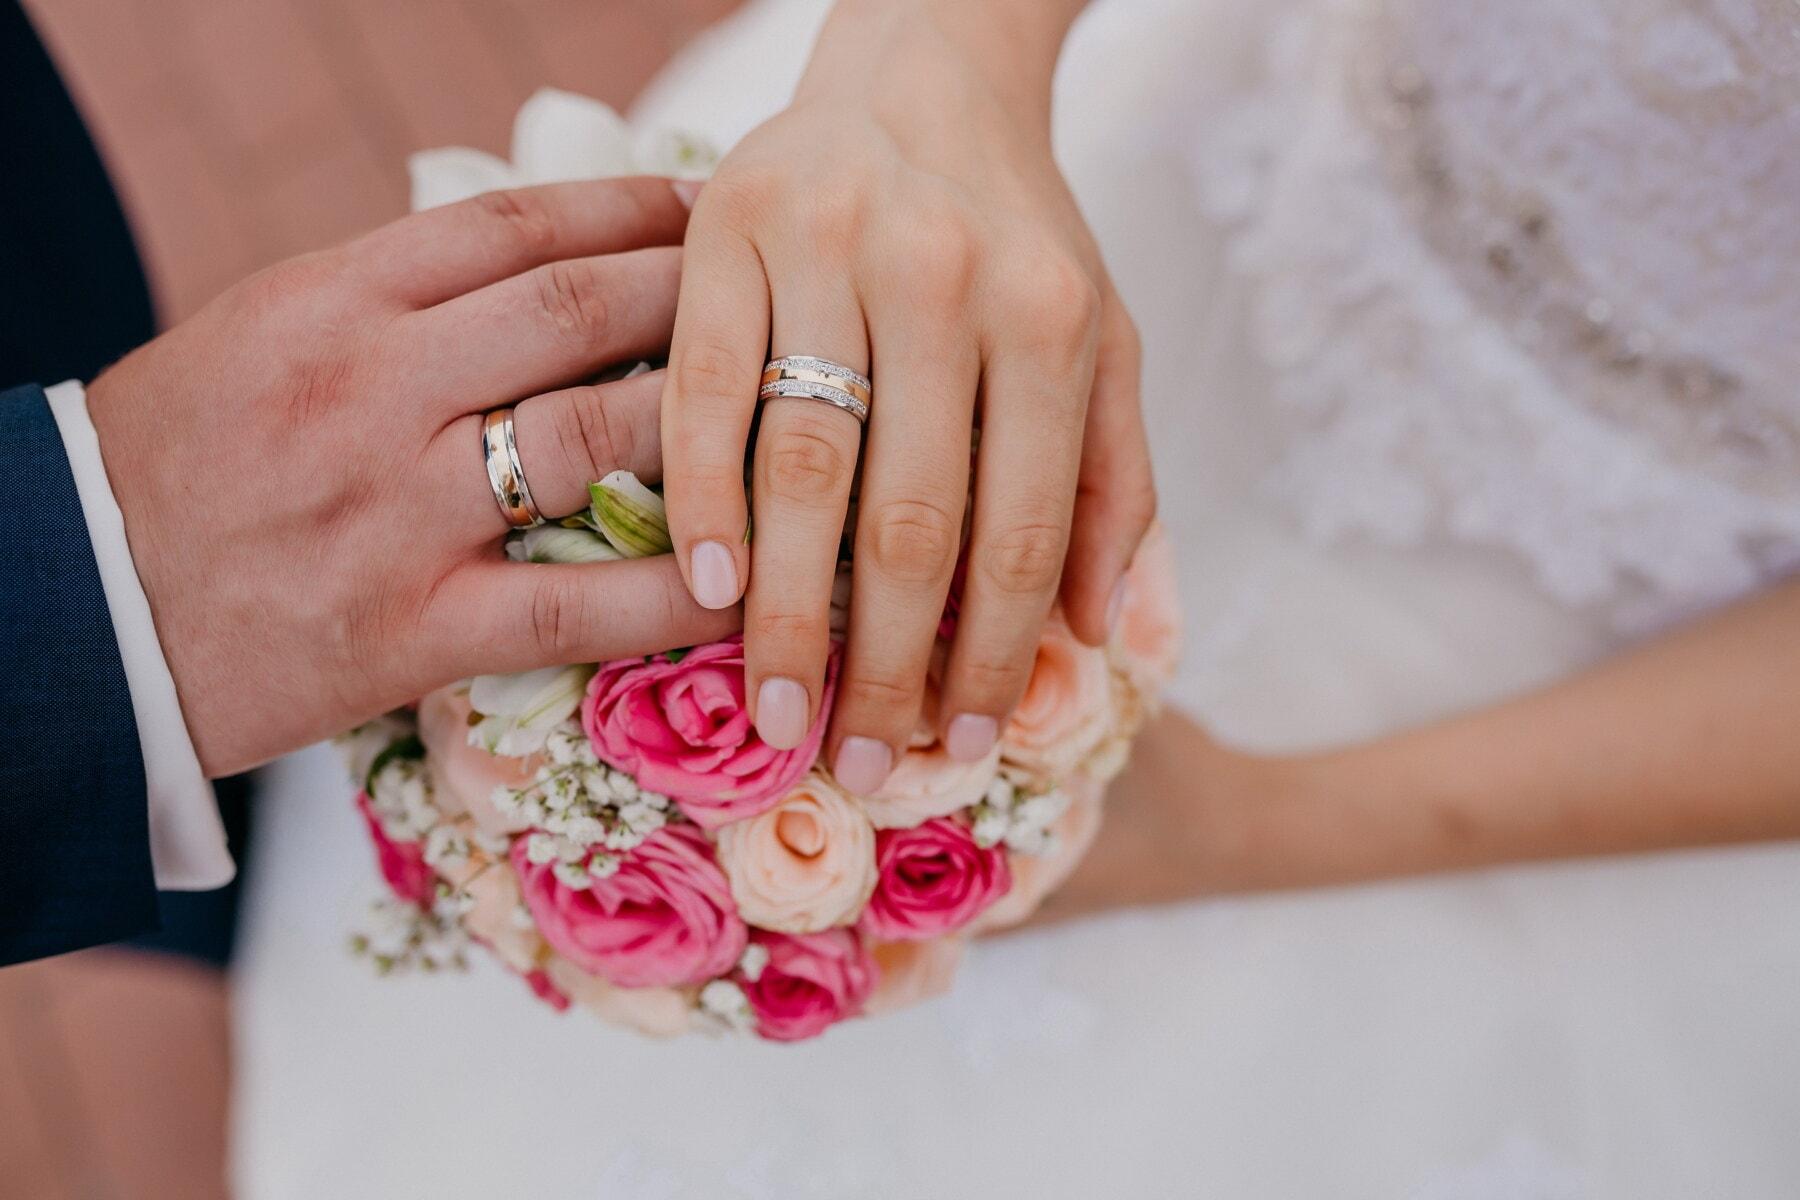 držanje za ruke, nakit, ruke, vjenčani prsten, vjenčanje, ljubav, svadbeni buket, romantično, nevesta, mladoženja